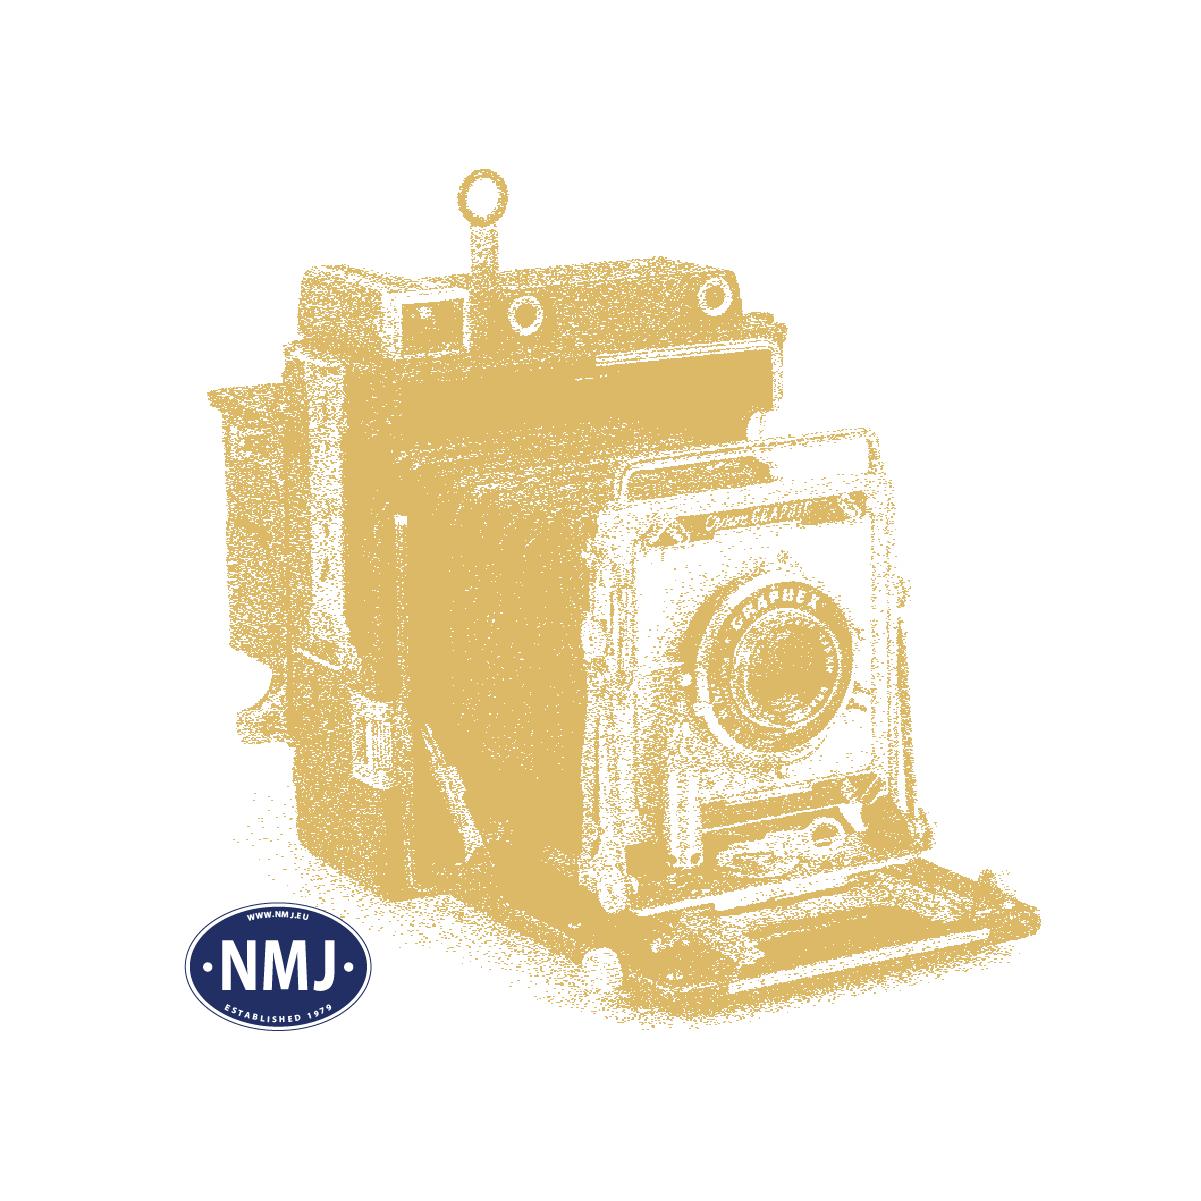 NMJT9902 - NMJ Topline Staker til Os/Kbps